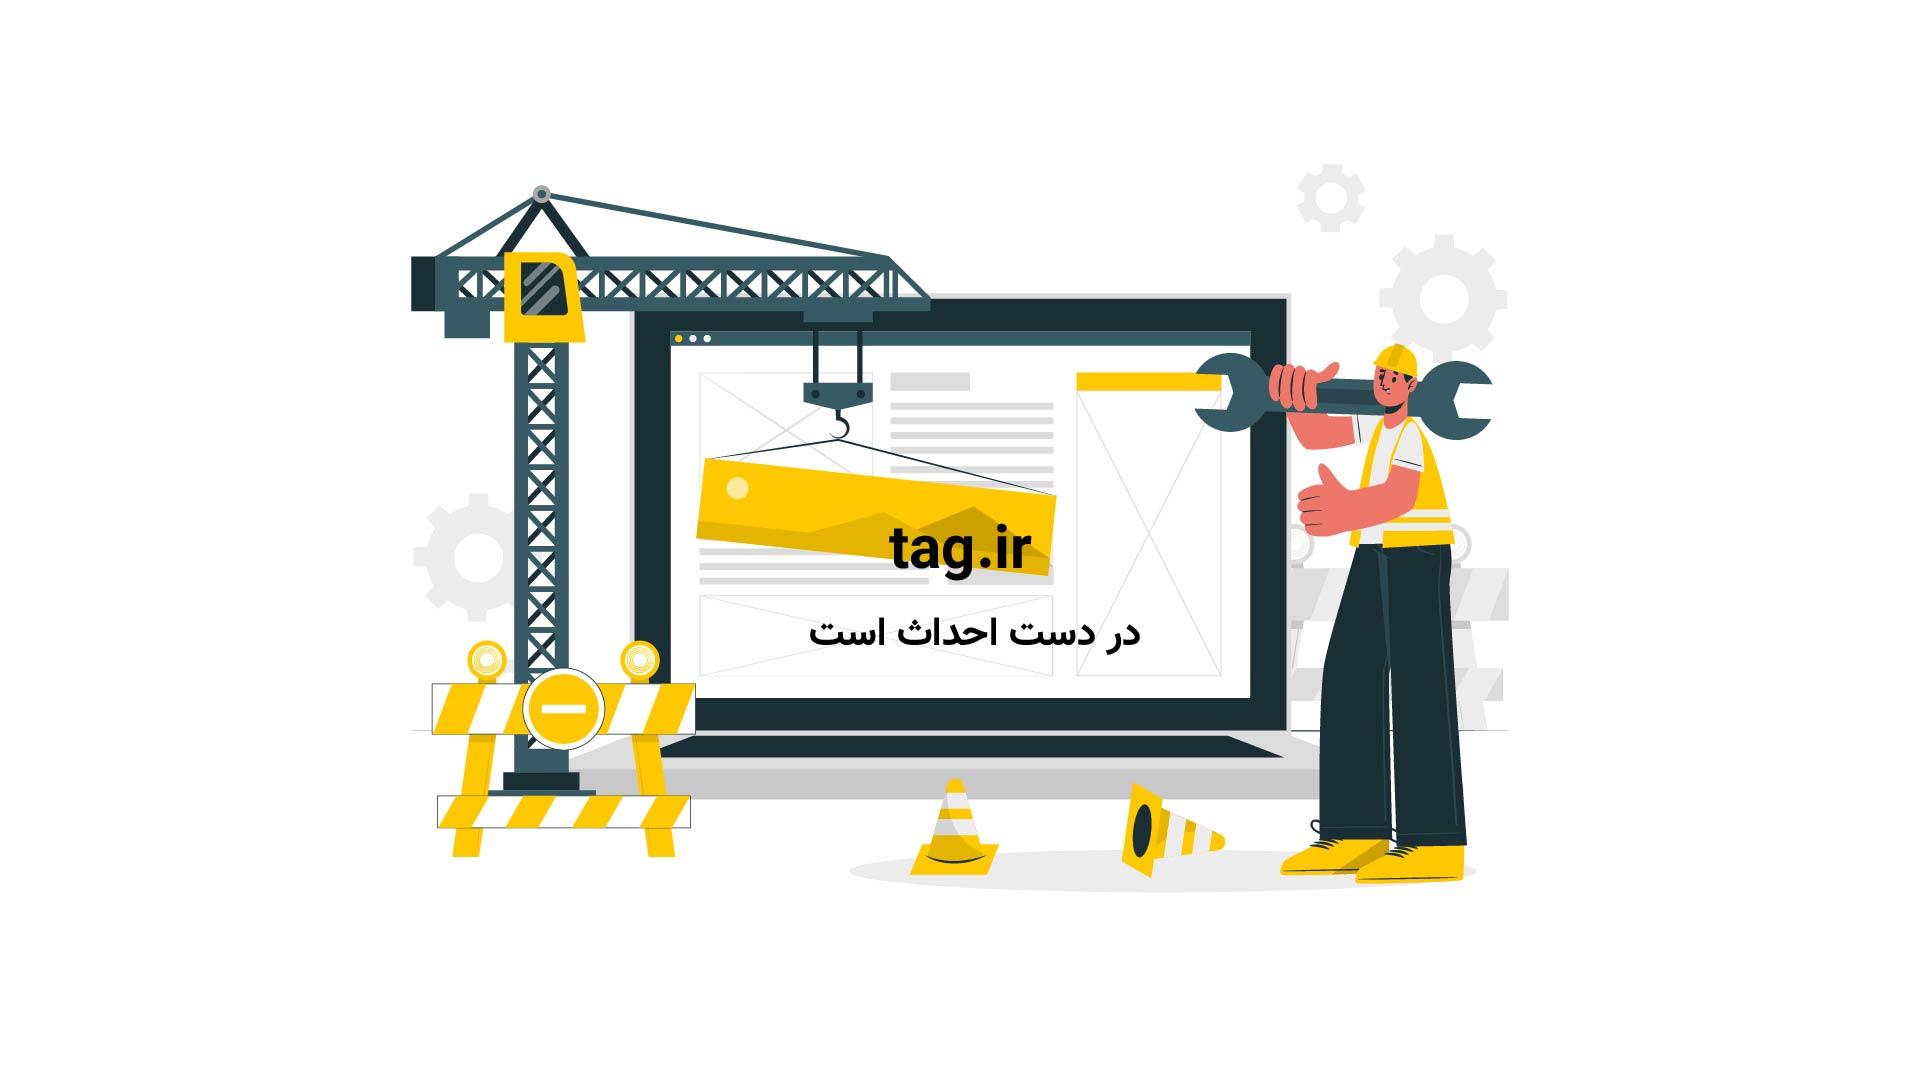 فروش گوشت لوکس کیلویی ۷۰۰ تا ۹۰۰ هزار تومان در تهران | فیلم